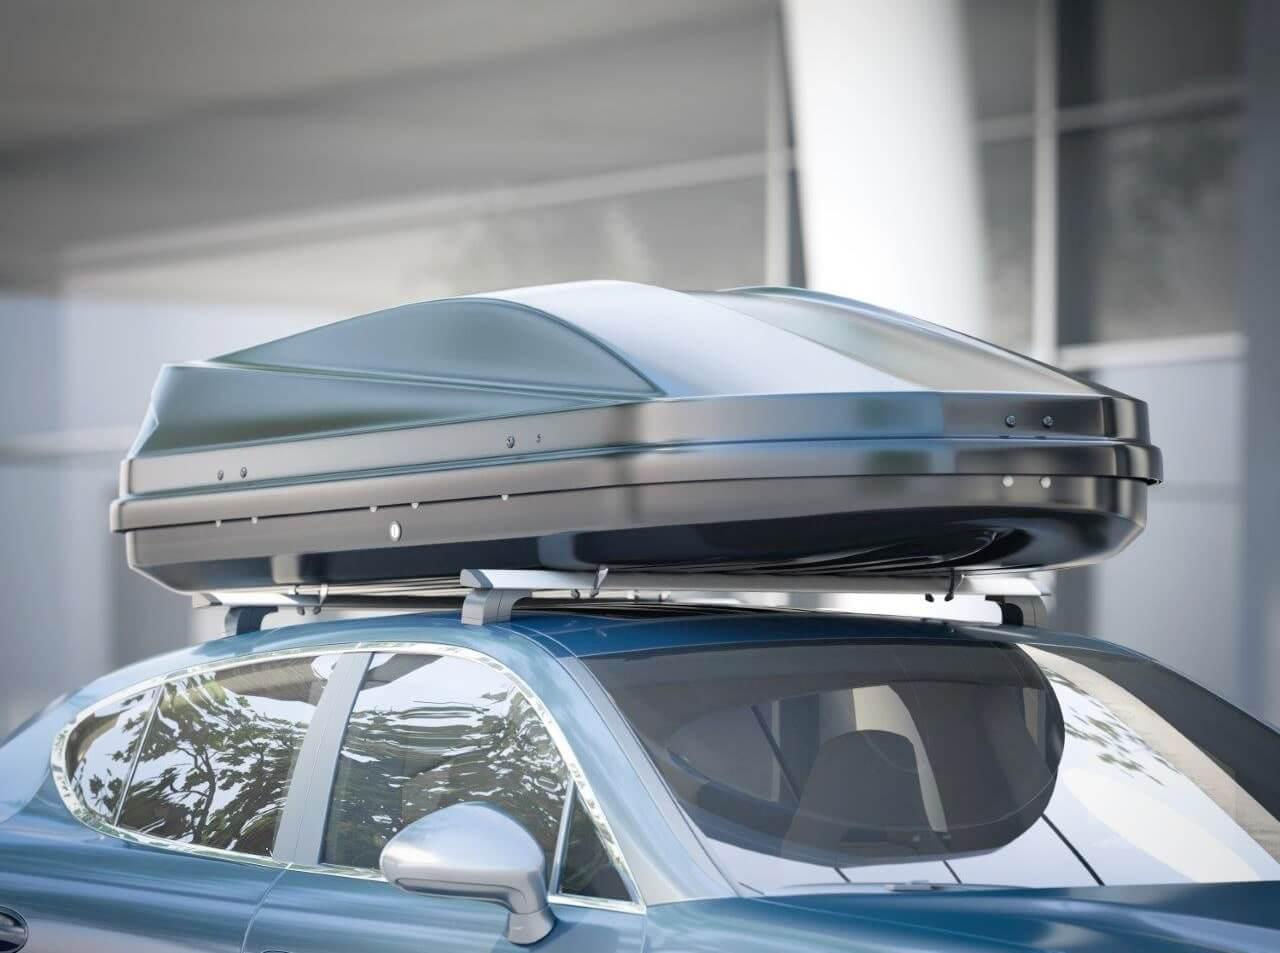 equipaje coche organizado en cofres